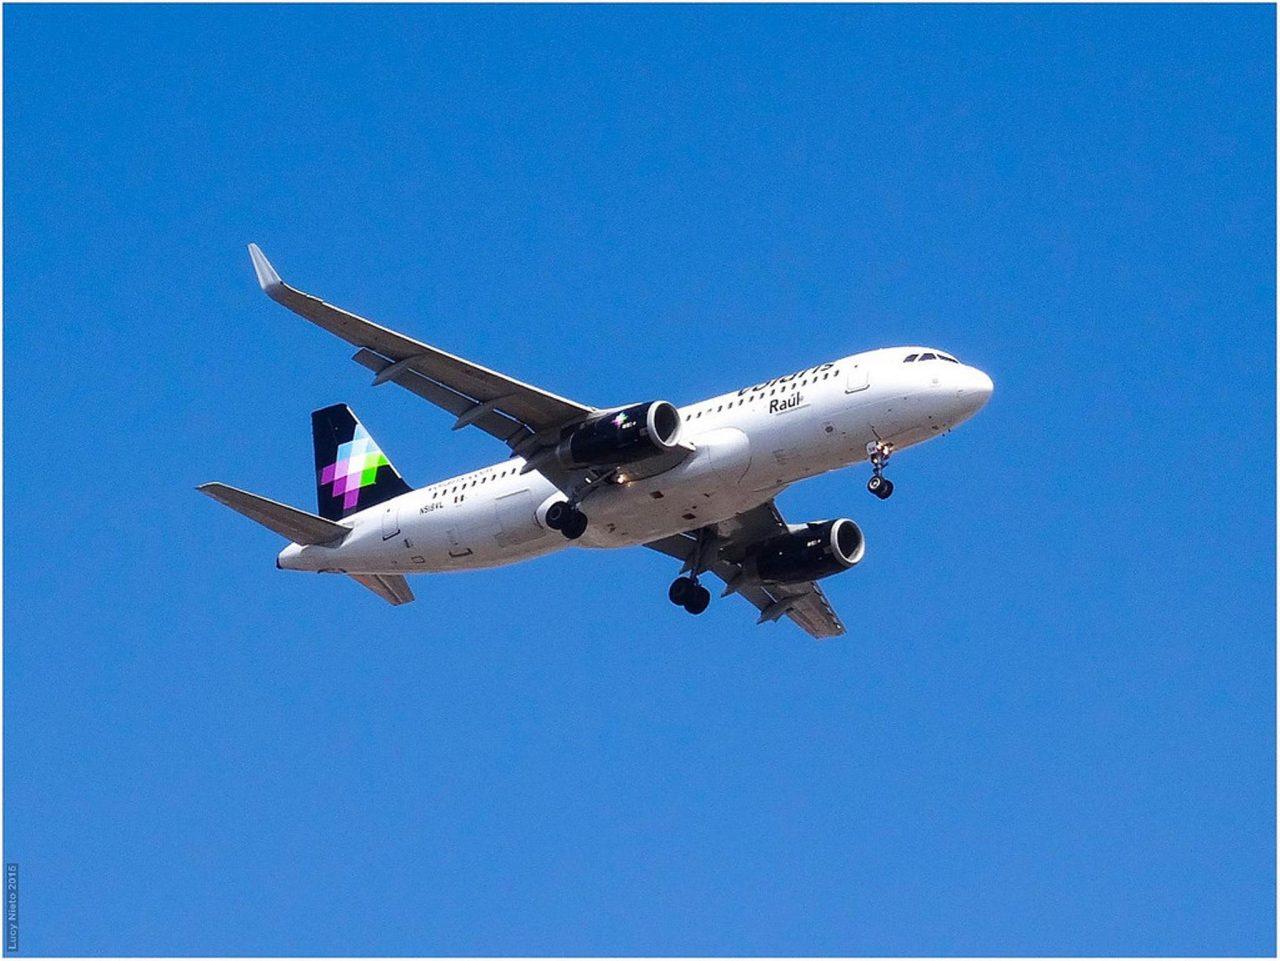 Volaris reestructuró 200 mdd en costos y retrasó entrega de aviones para superar crisis